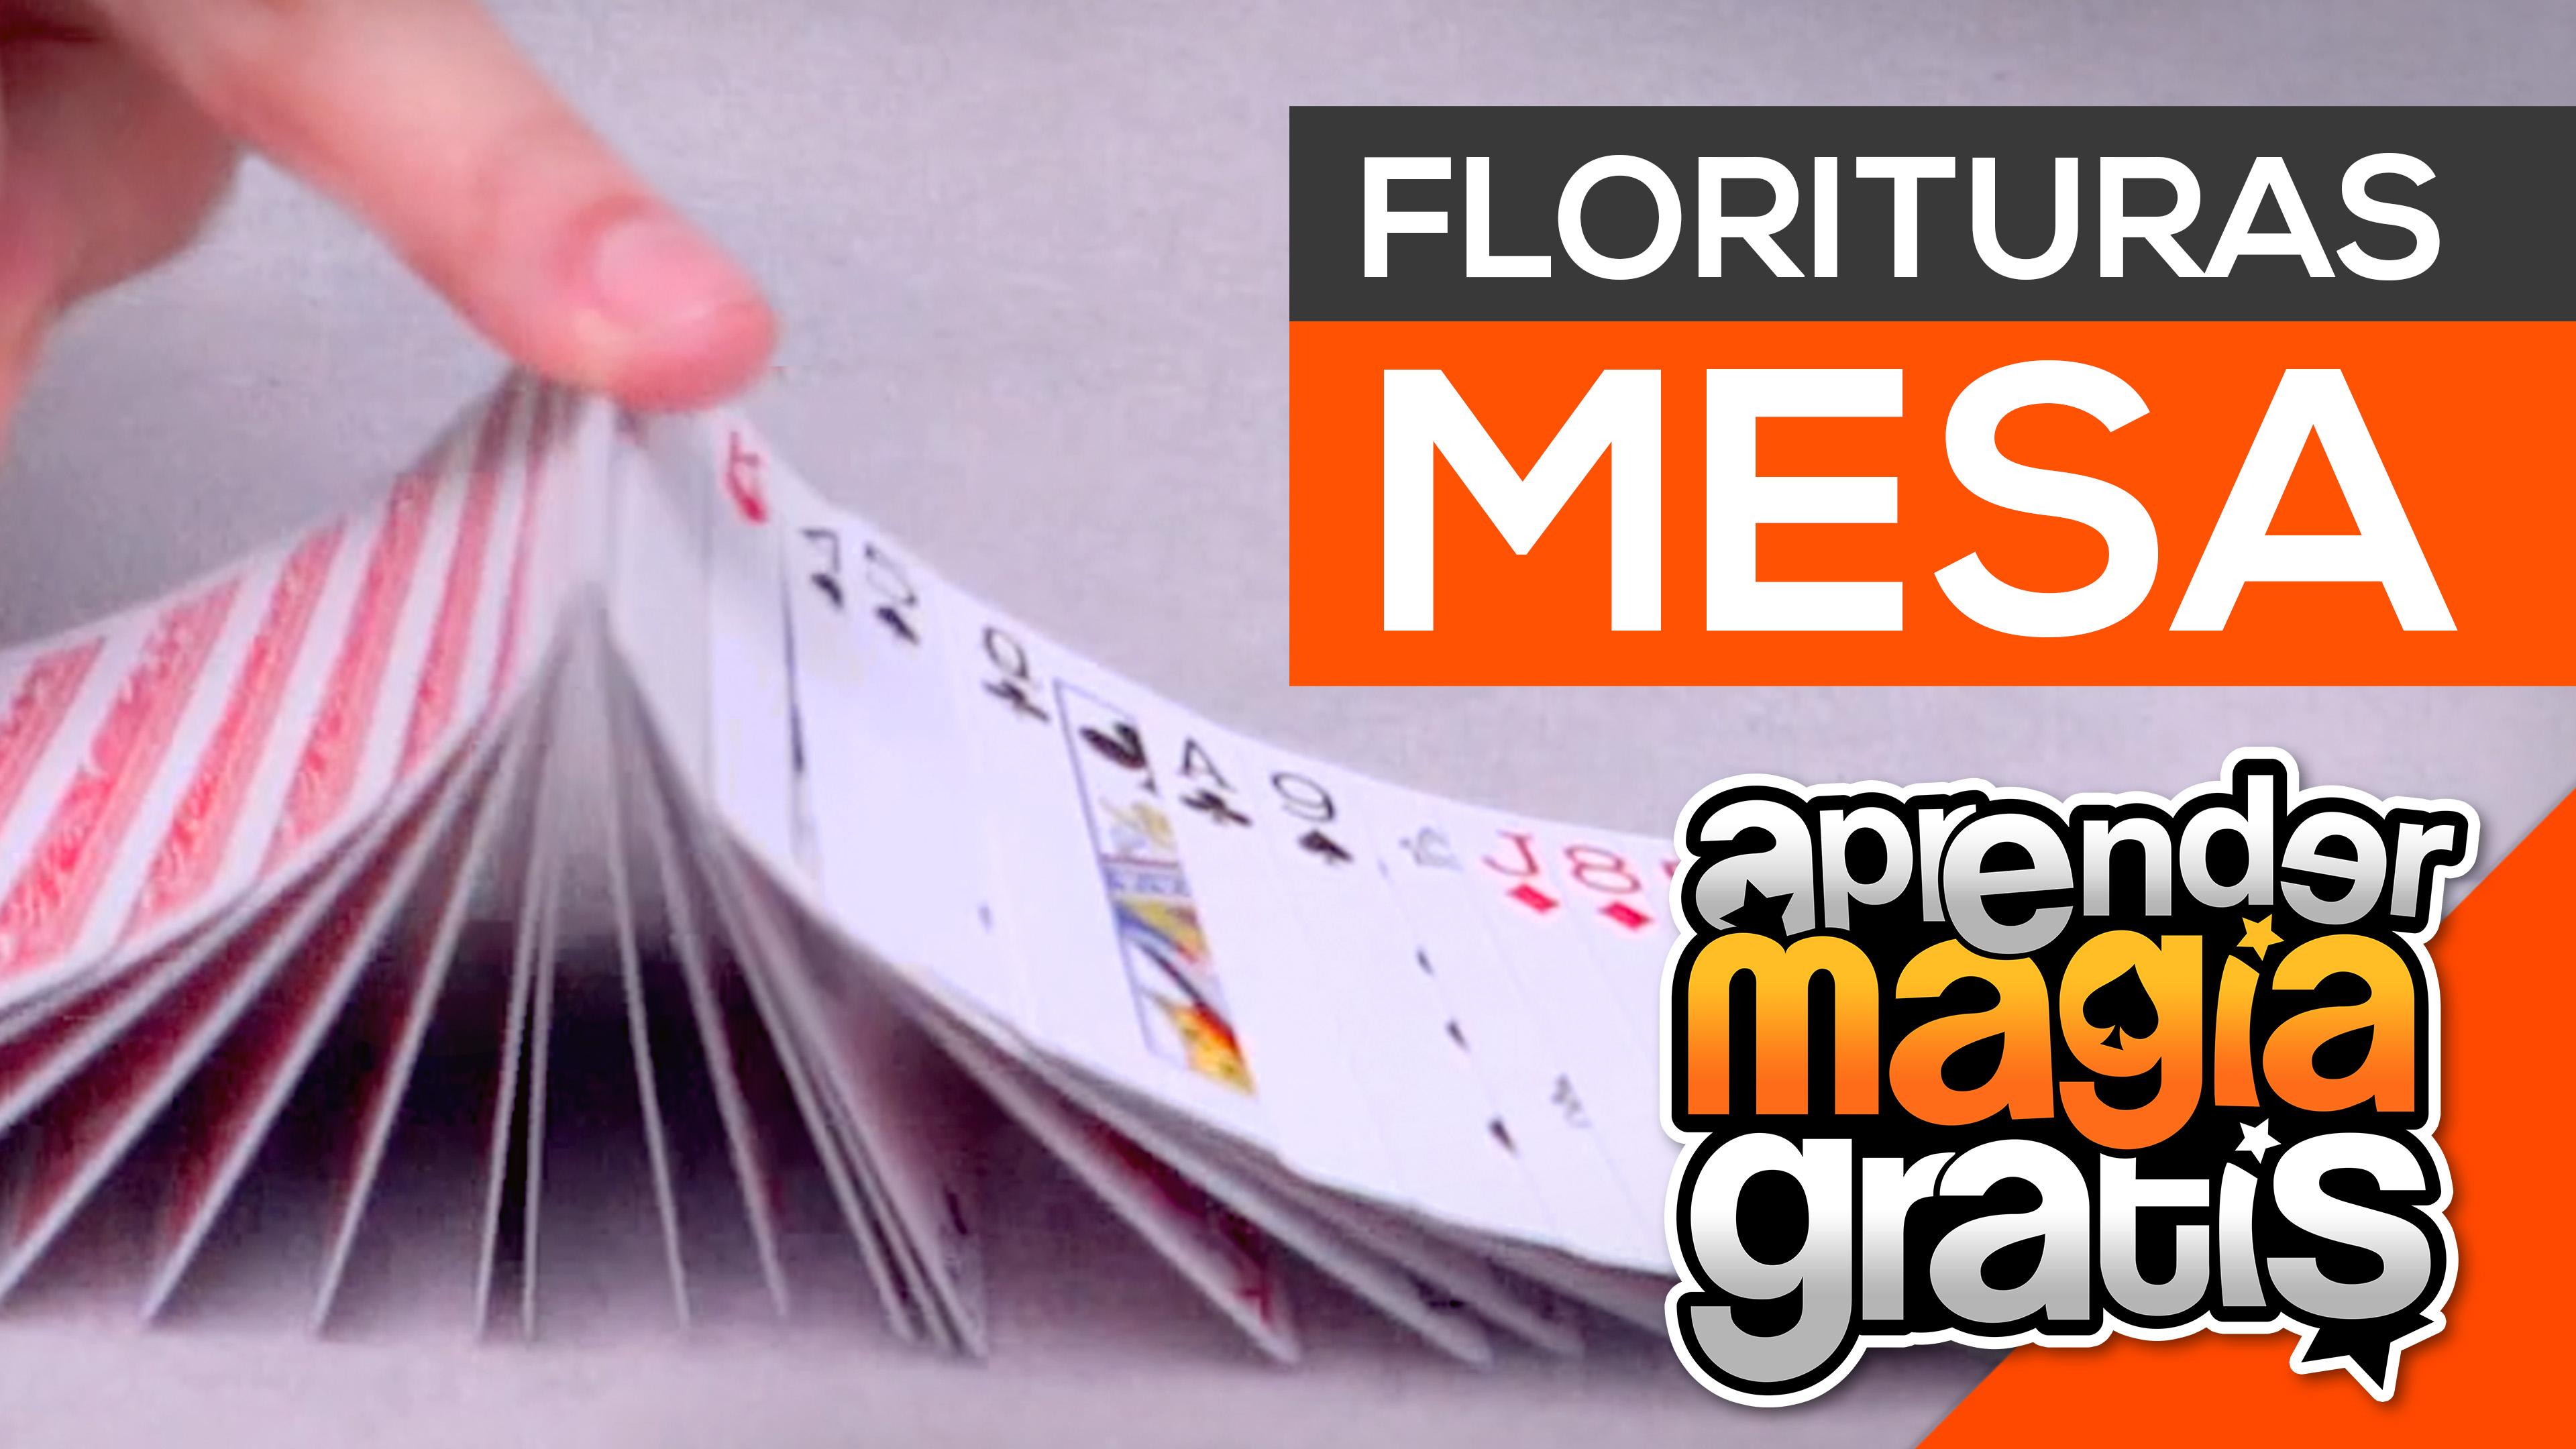 Extension con cartas avanzado y florituras en mesa | Aprender Magia Gratis